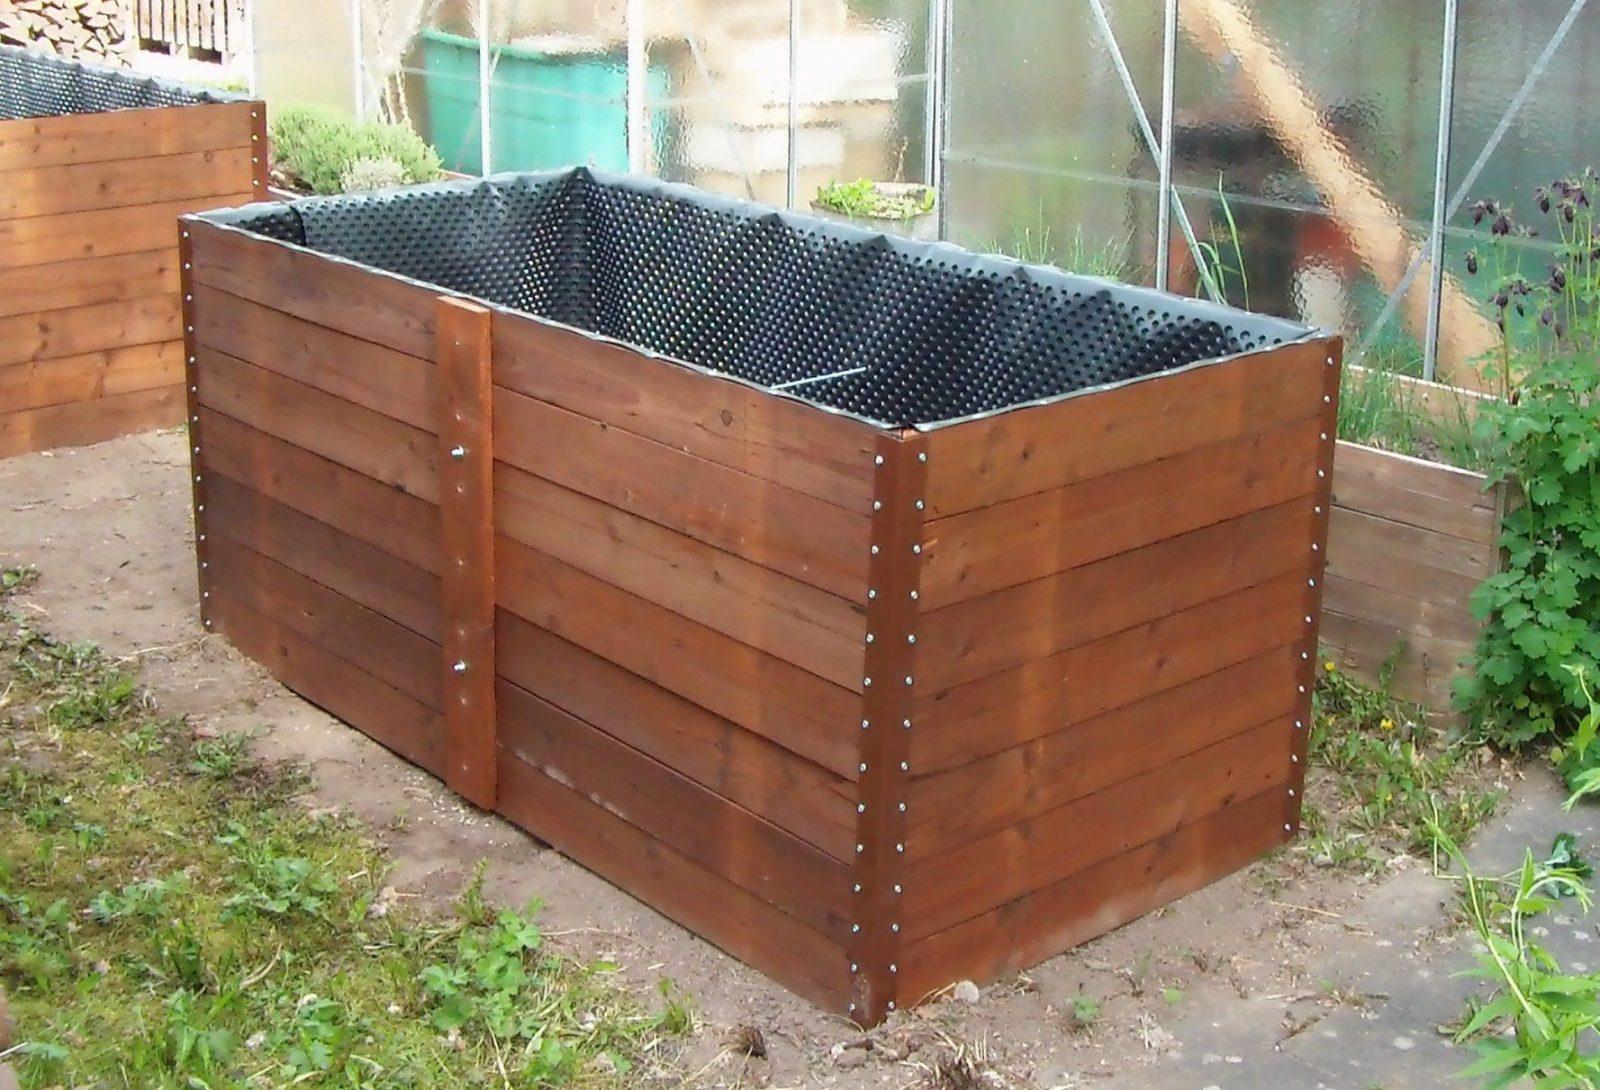 Hochbeet Selber Bauen Aus Holz Und Metall Raised Garden Bed von Hochbeet Günstig Selber Machen Bild